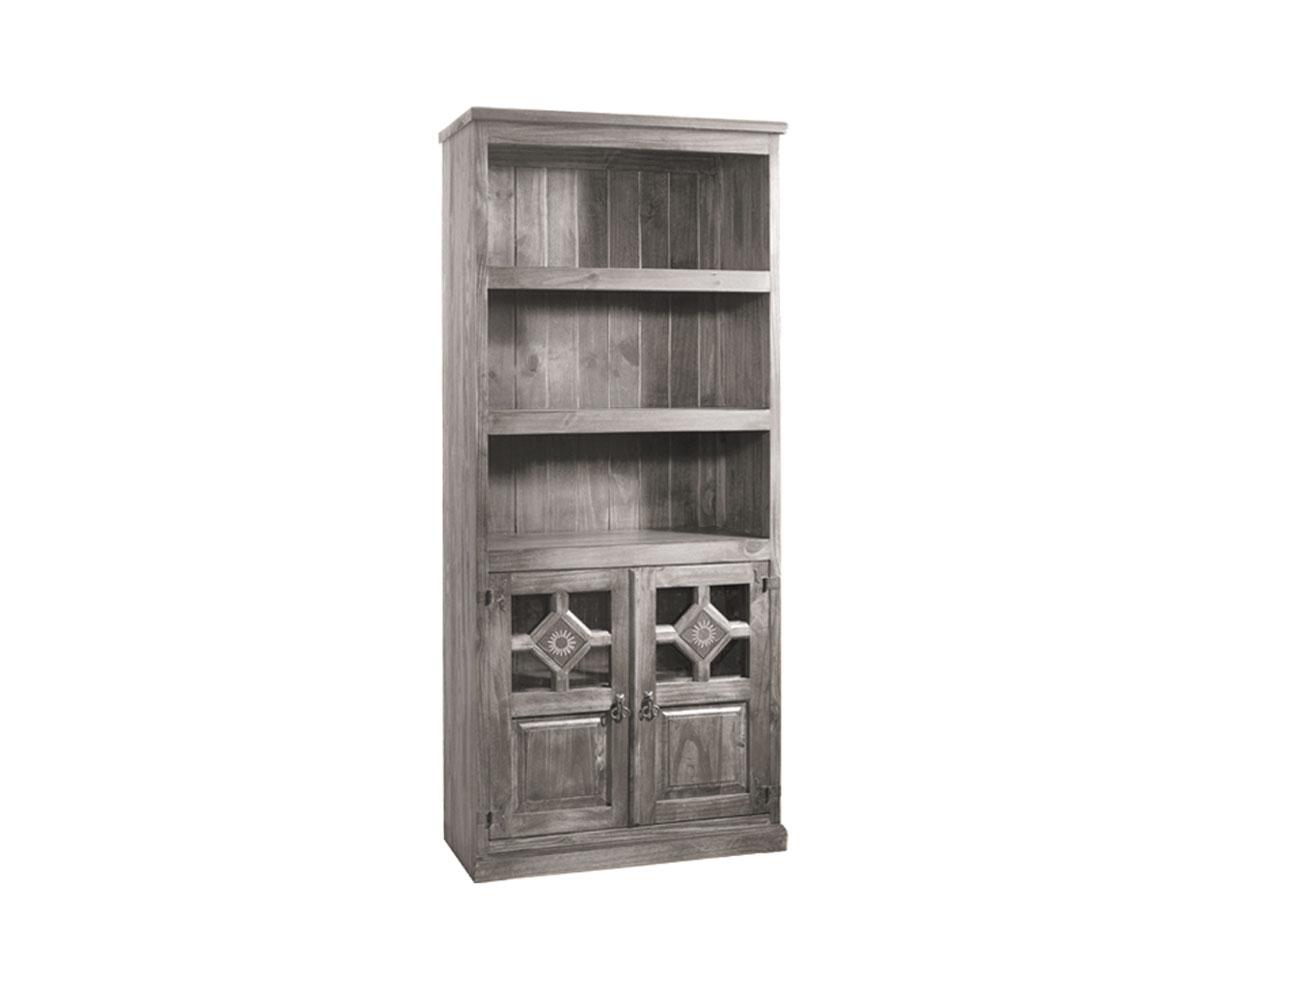 0220812 librero alto jalisco girasol madera 90 200 44